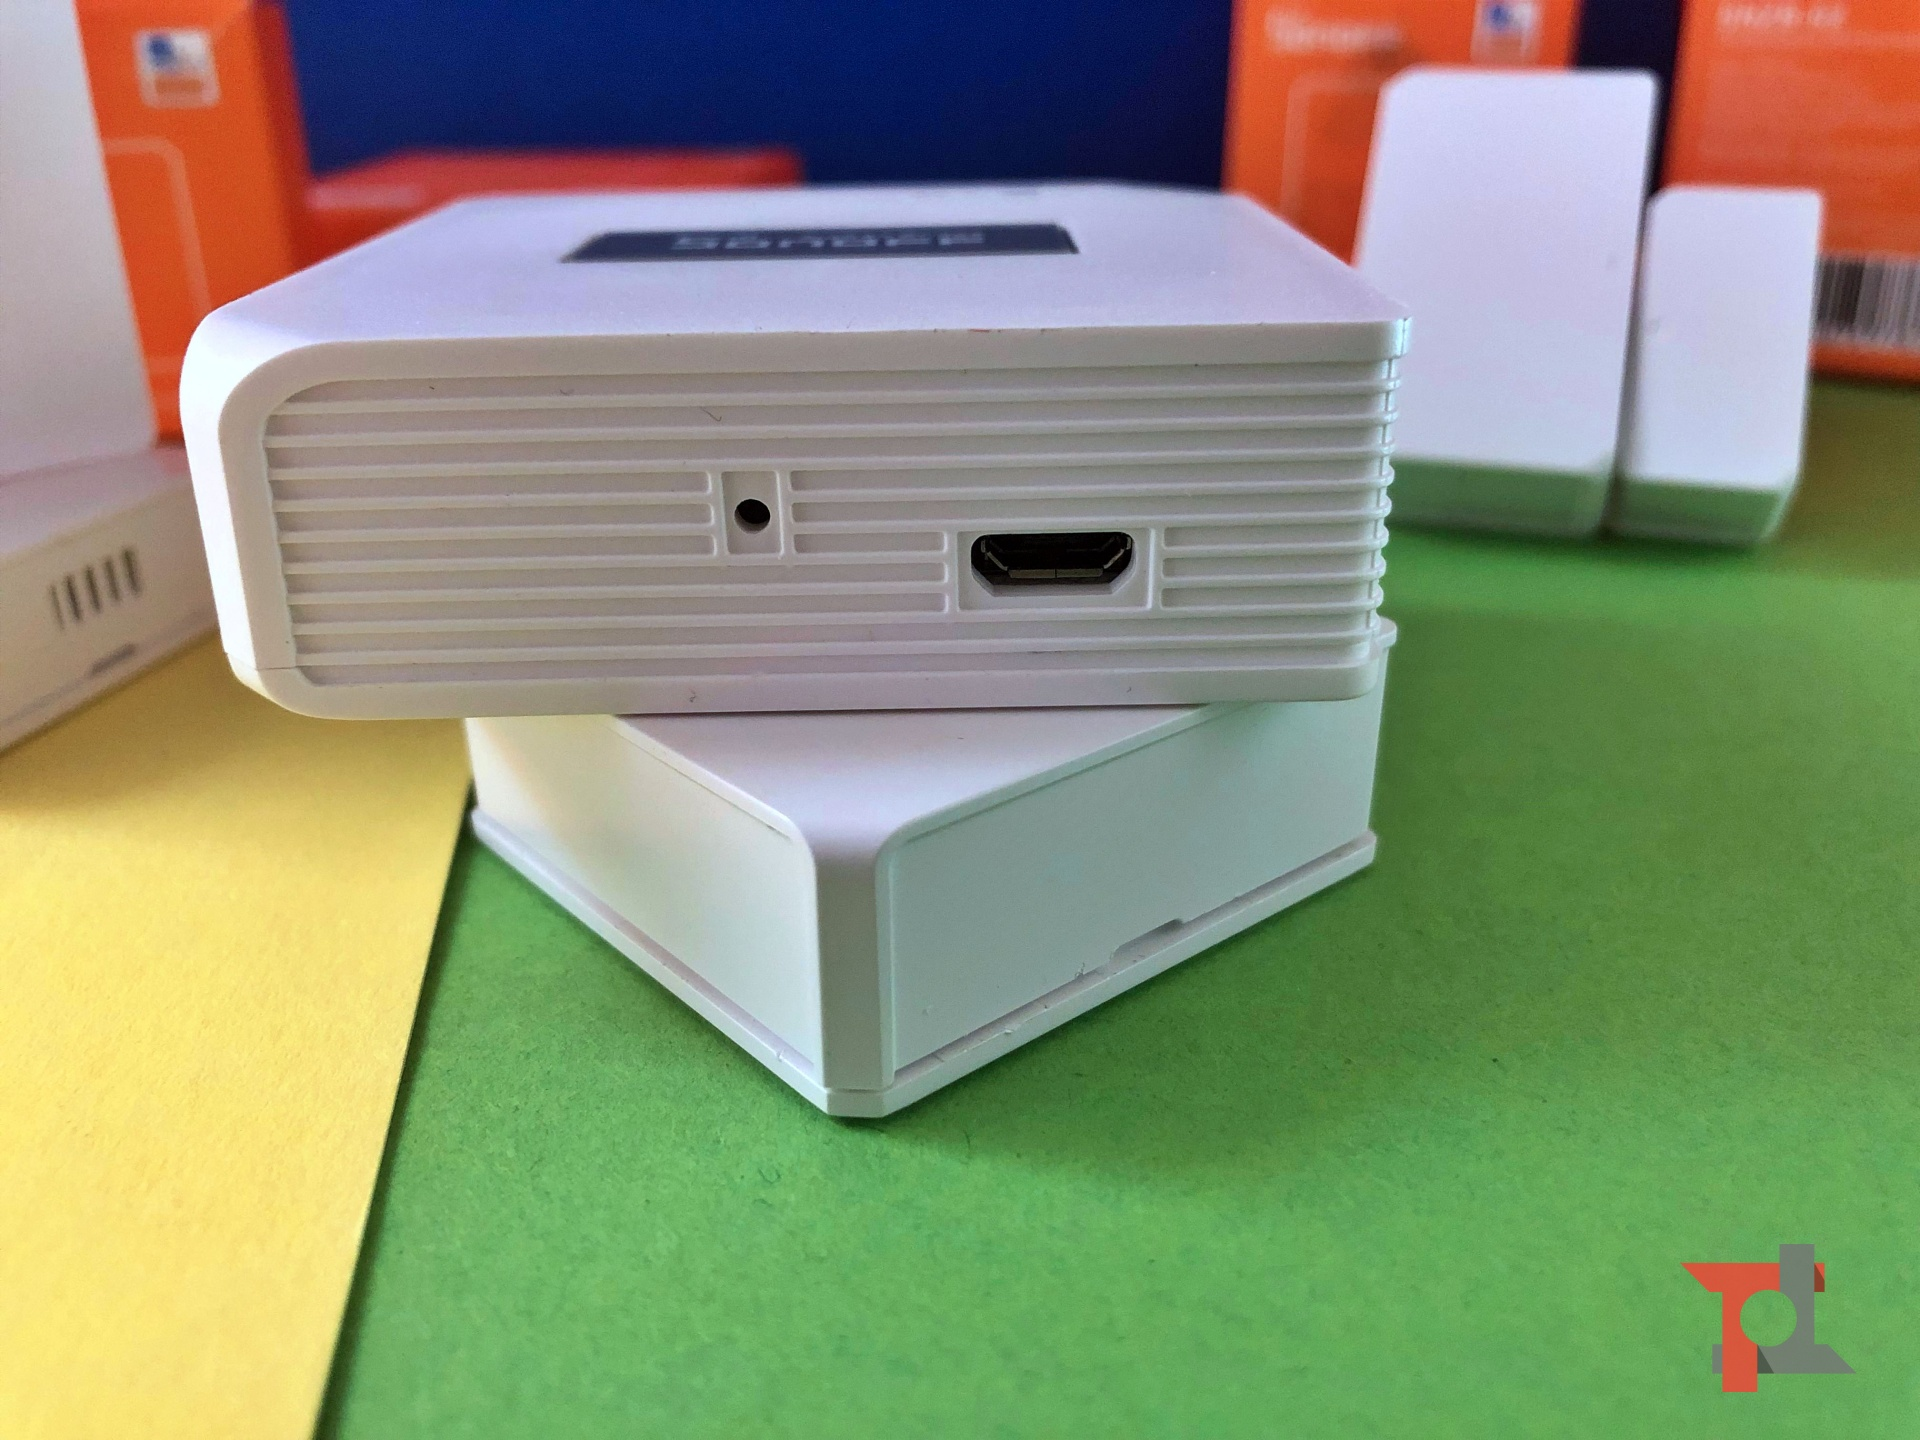 Abbiamo provato i prodotti SONOFF Zigbee per la smart home: ecco le nostre impressioni 2